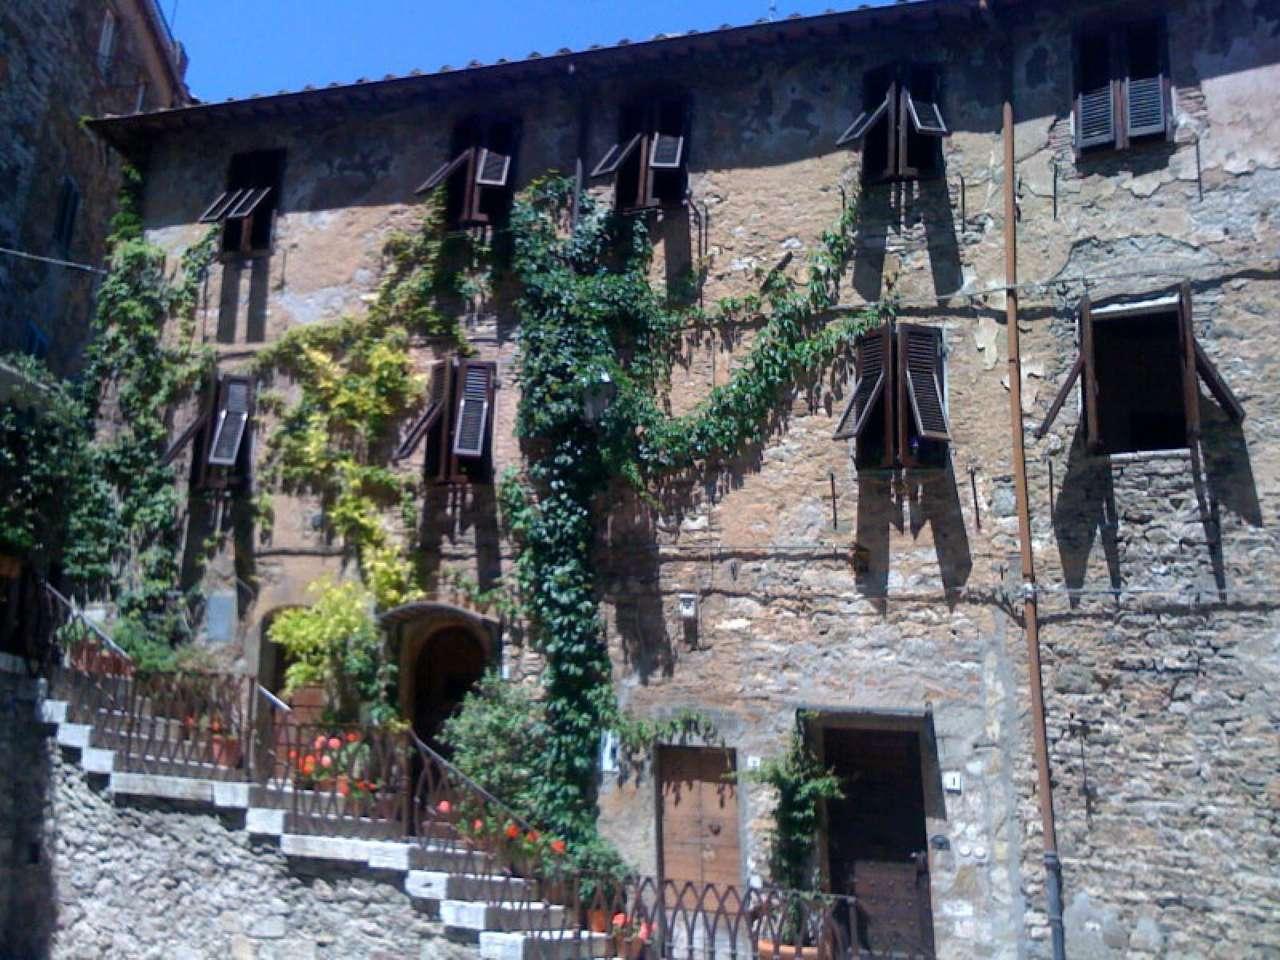 Toscana CAMPIGLIA MARITTIMA centro storico affittasi APPARTAMENTO FINEMENTE RISTRUTTURATO E ARREDATO